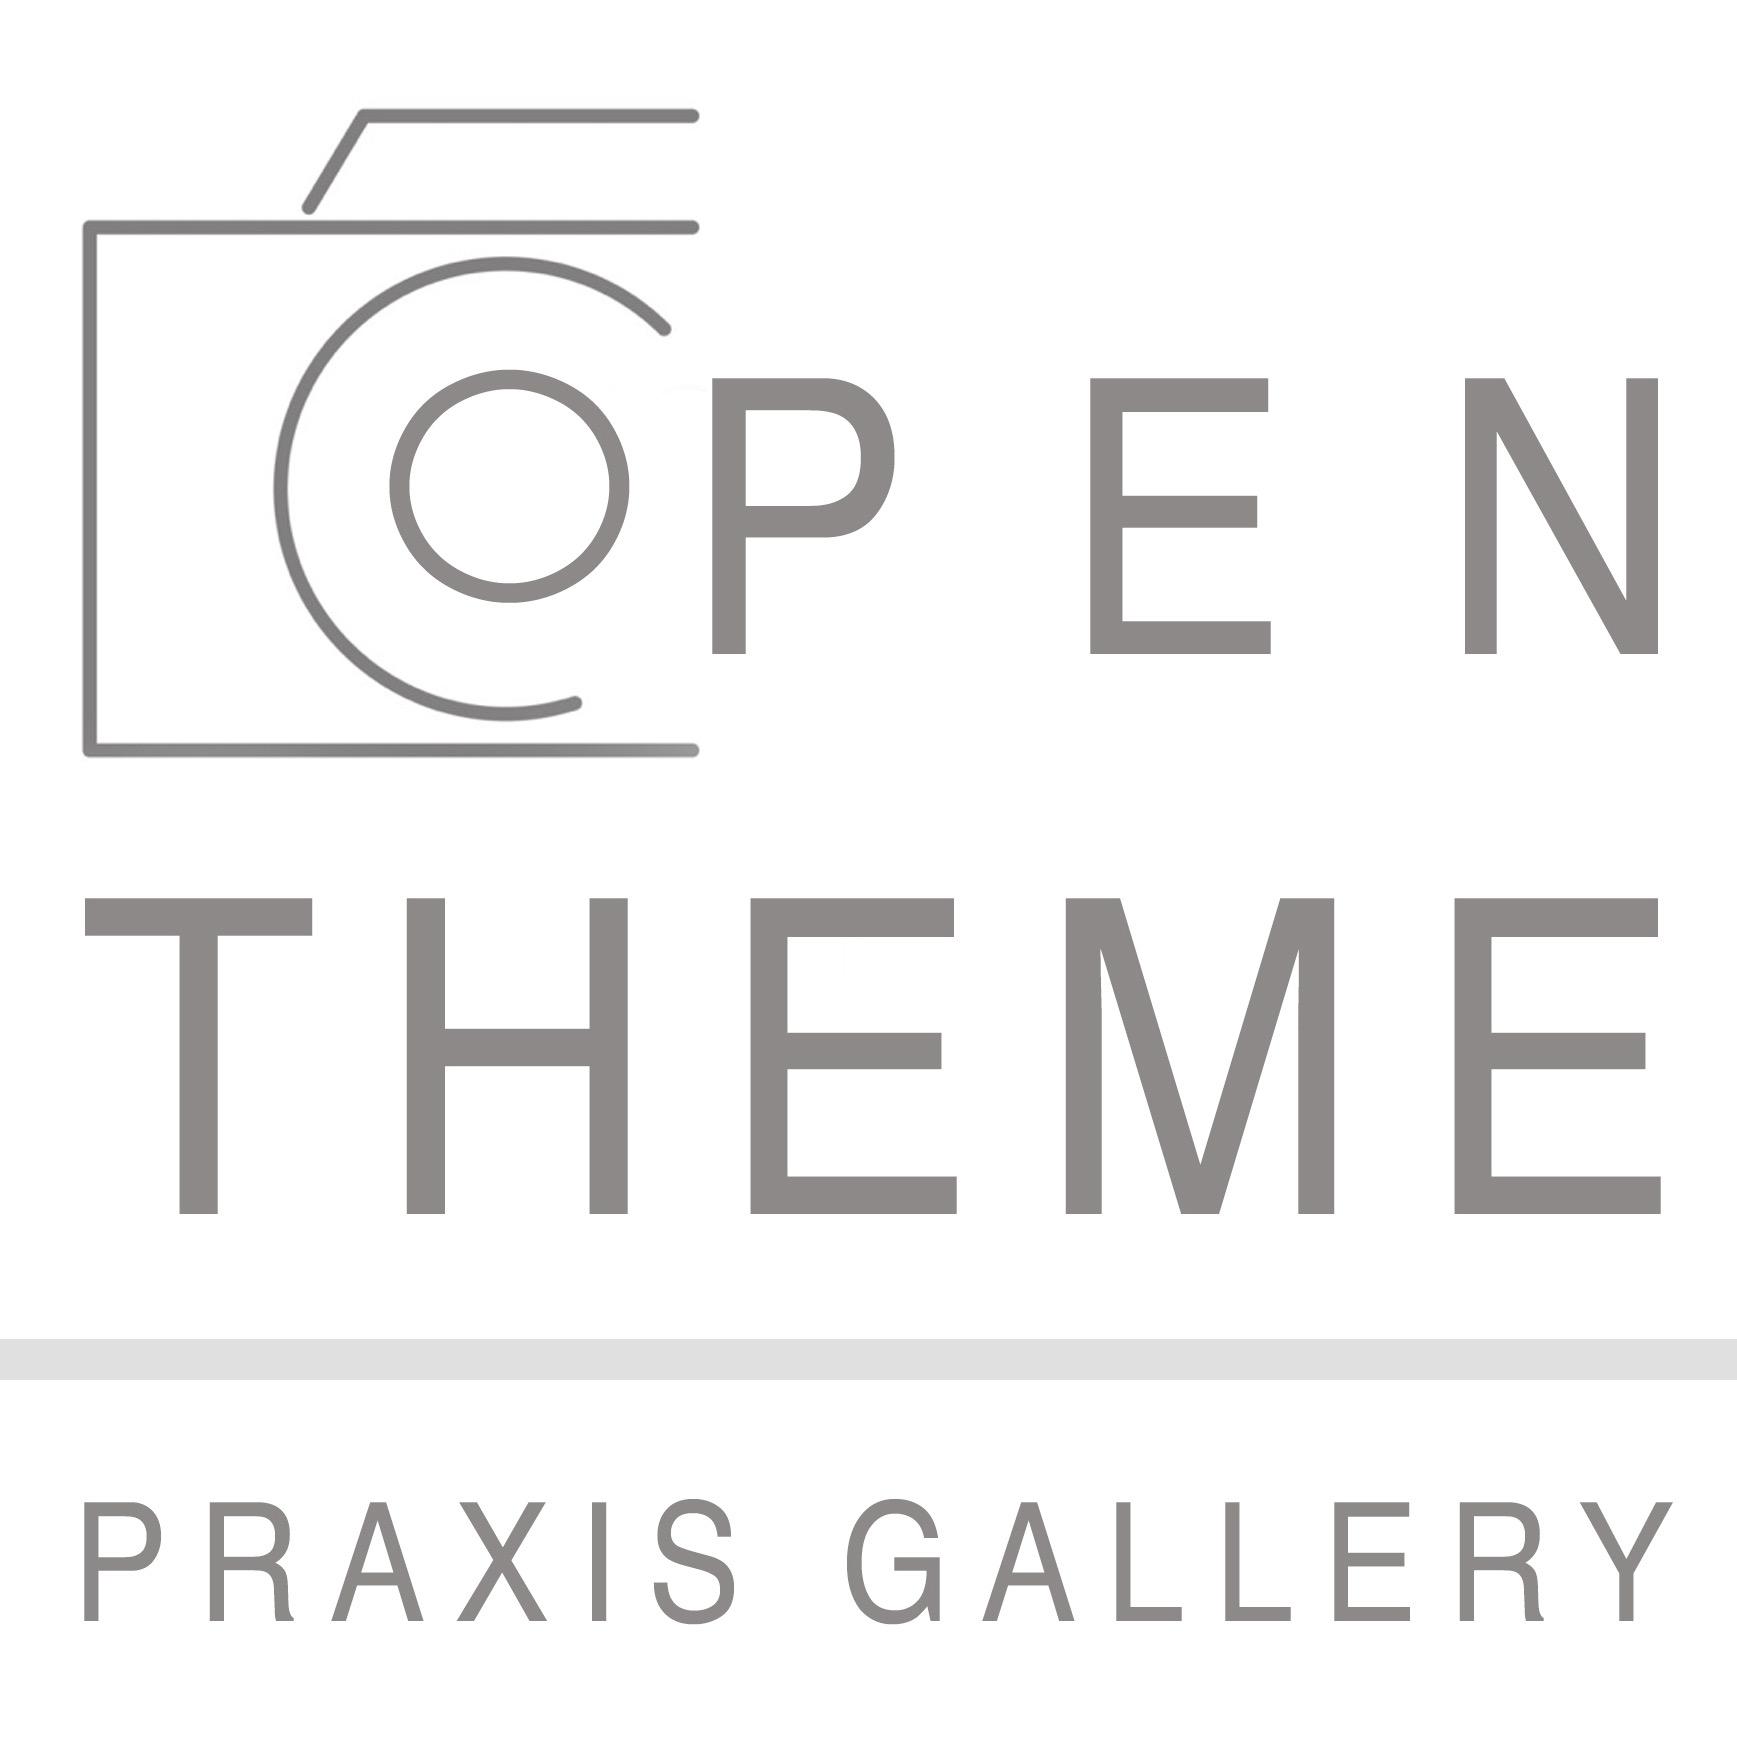 Praxis Gallery: OPEN THEME - logo